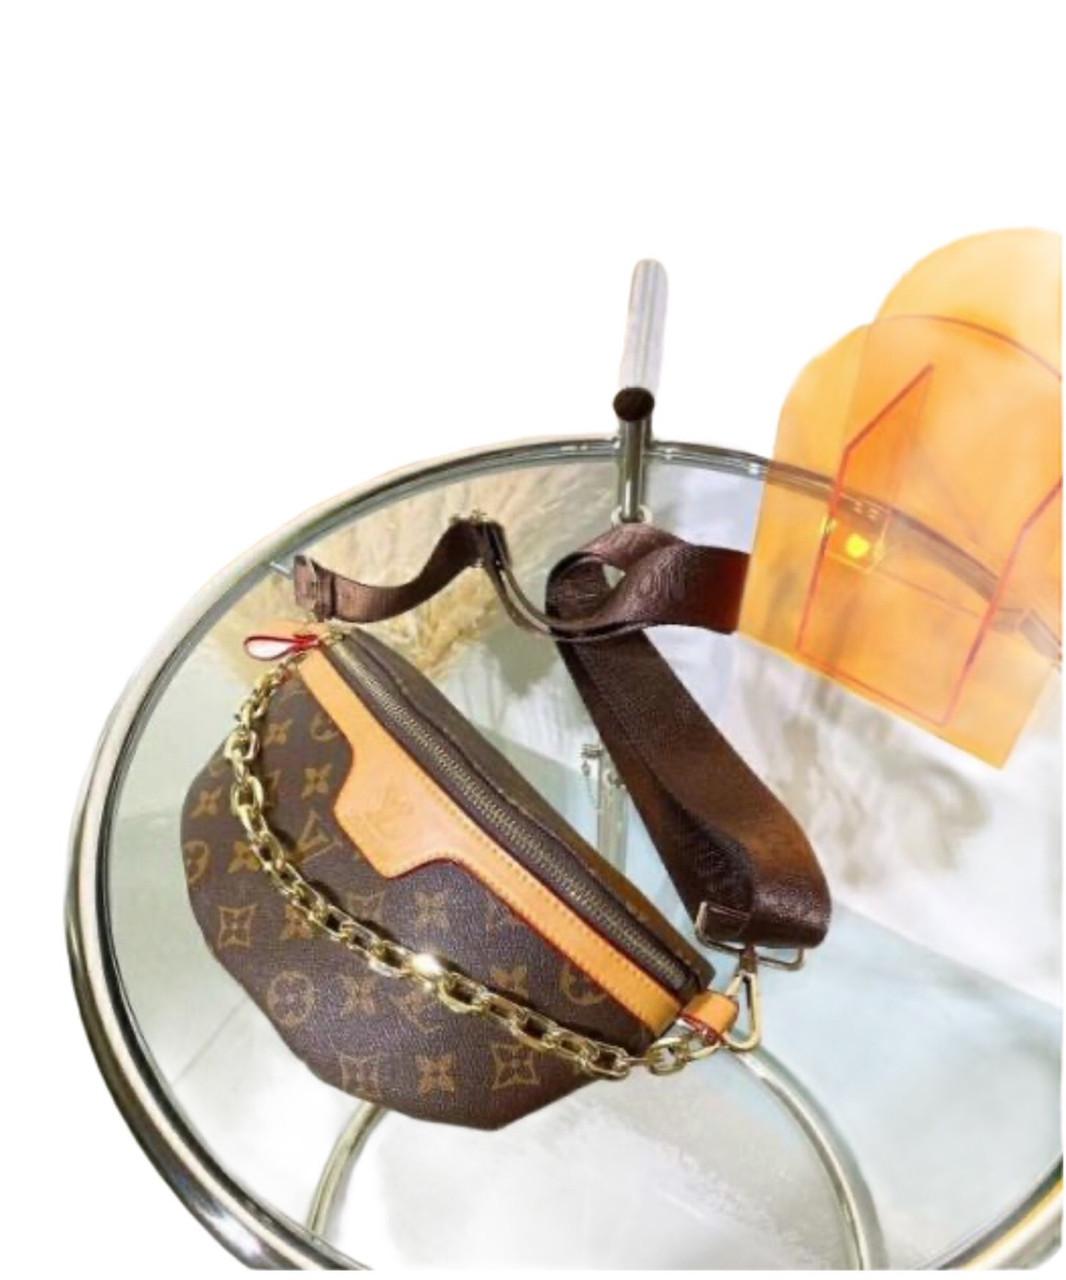 Сумка поясная, нагрудник, бананка клатч Луи Витон Bumbag Monogram